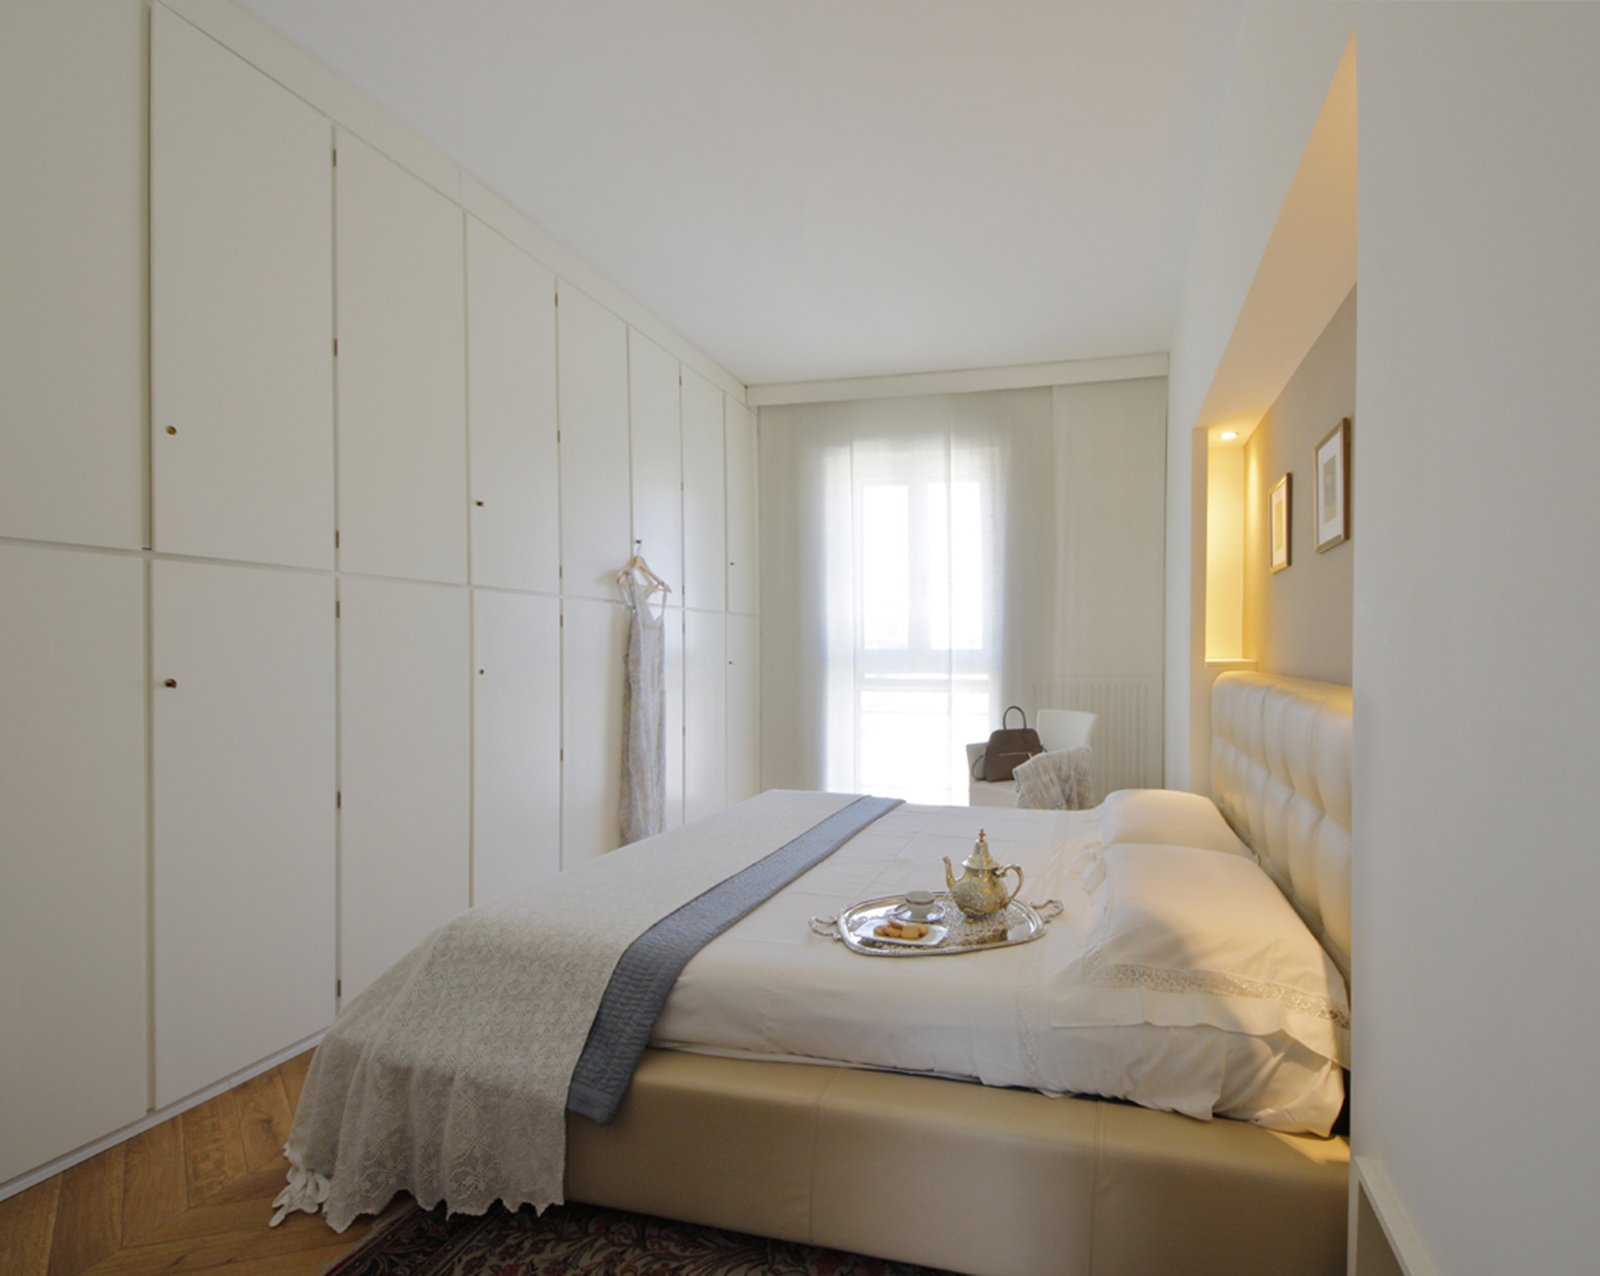 130 mq soggiorno doppio e cucina separata per la casa con for Progetto casa piccola